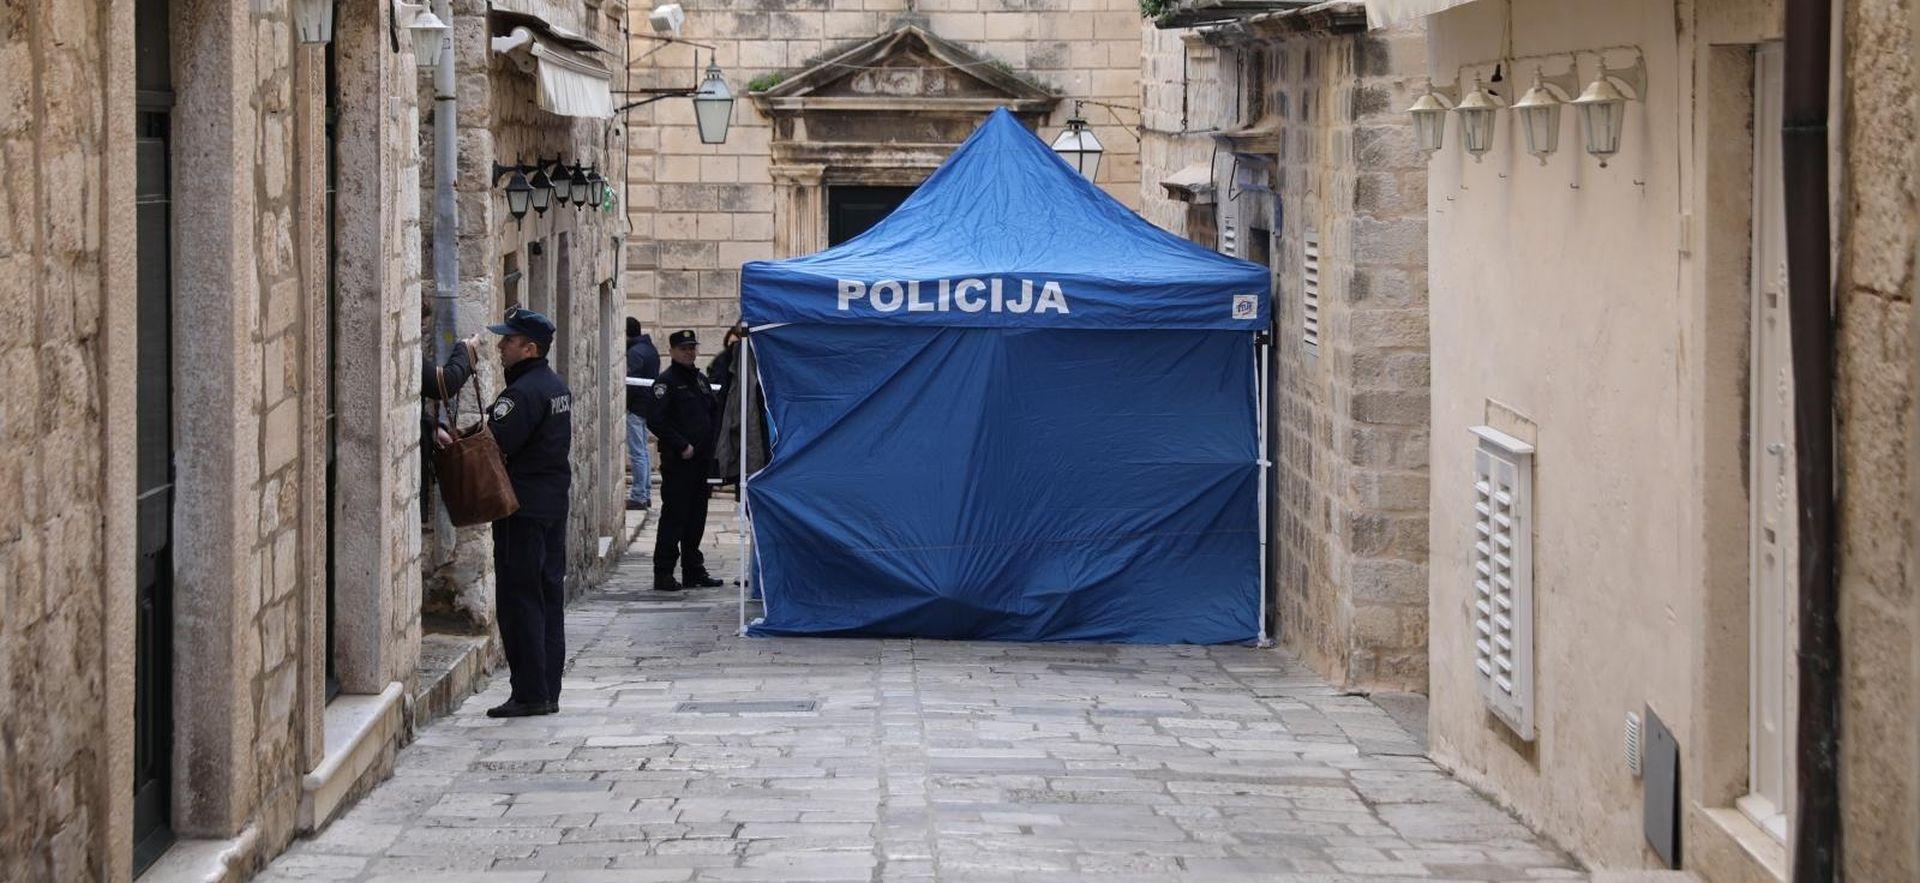 UBOJSTVO U DUBROVNIKU Policija objavila prve podatke o žrtvama